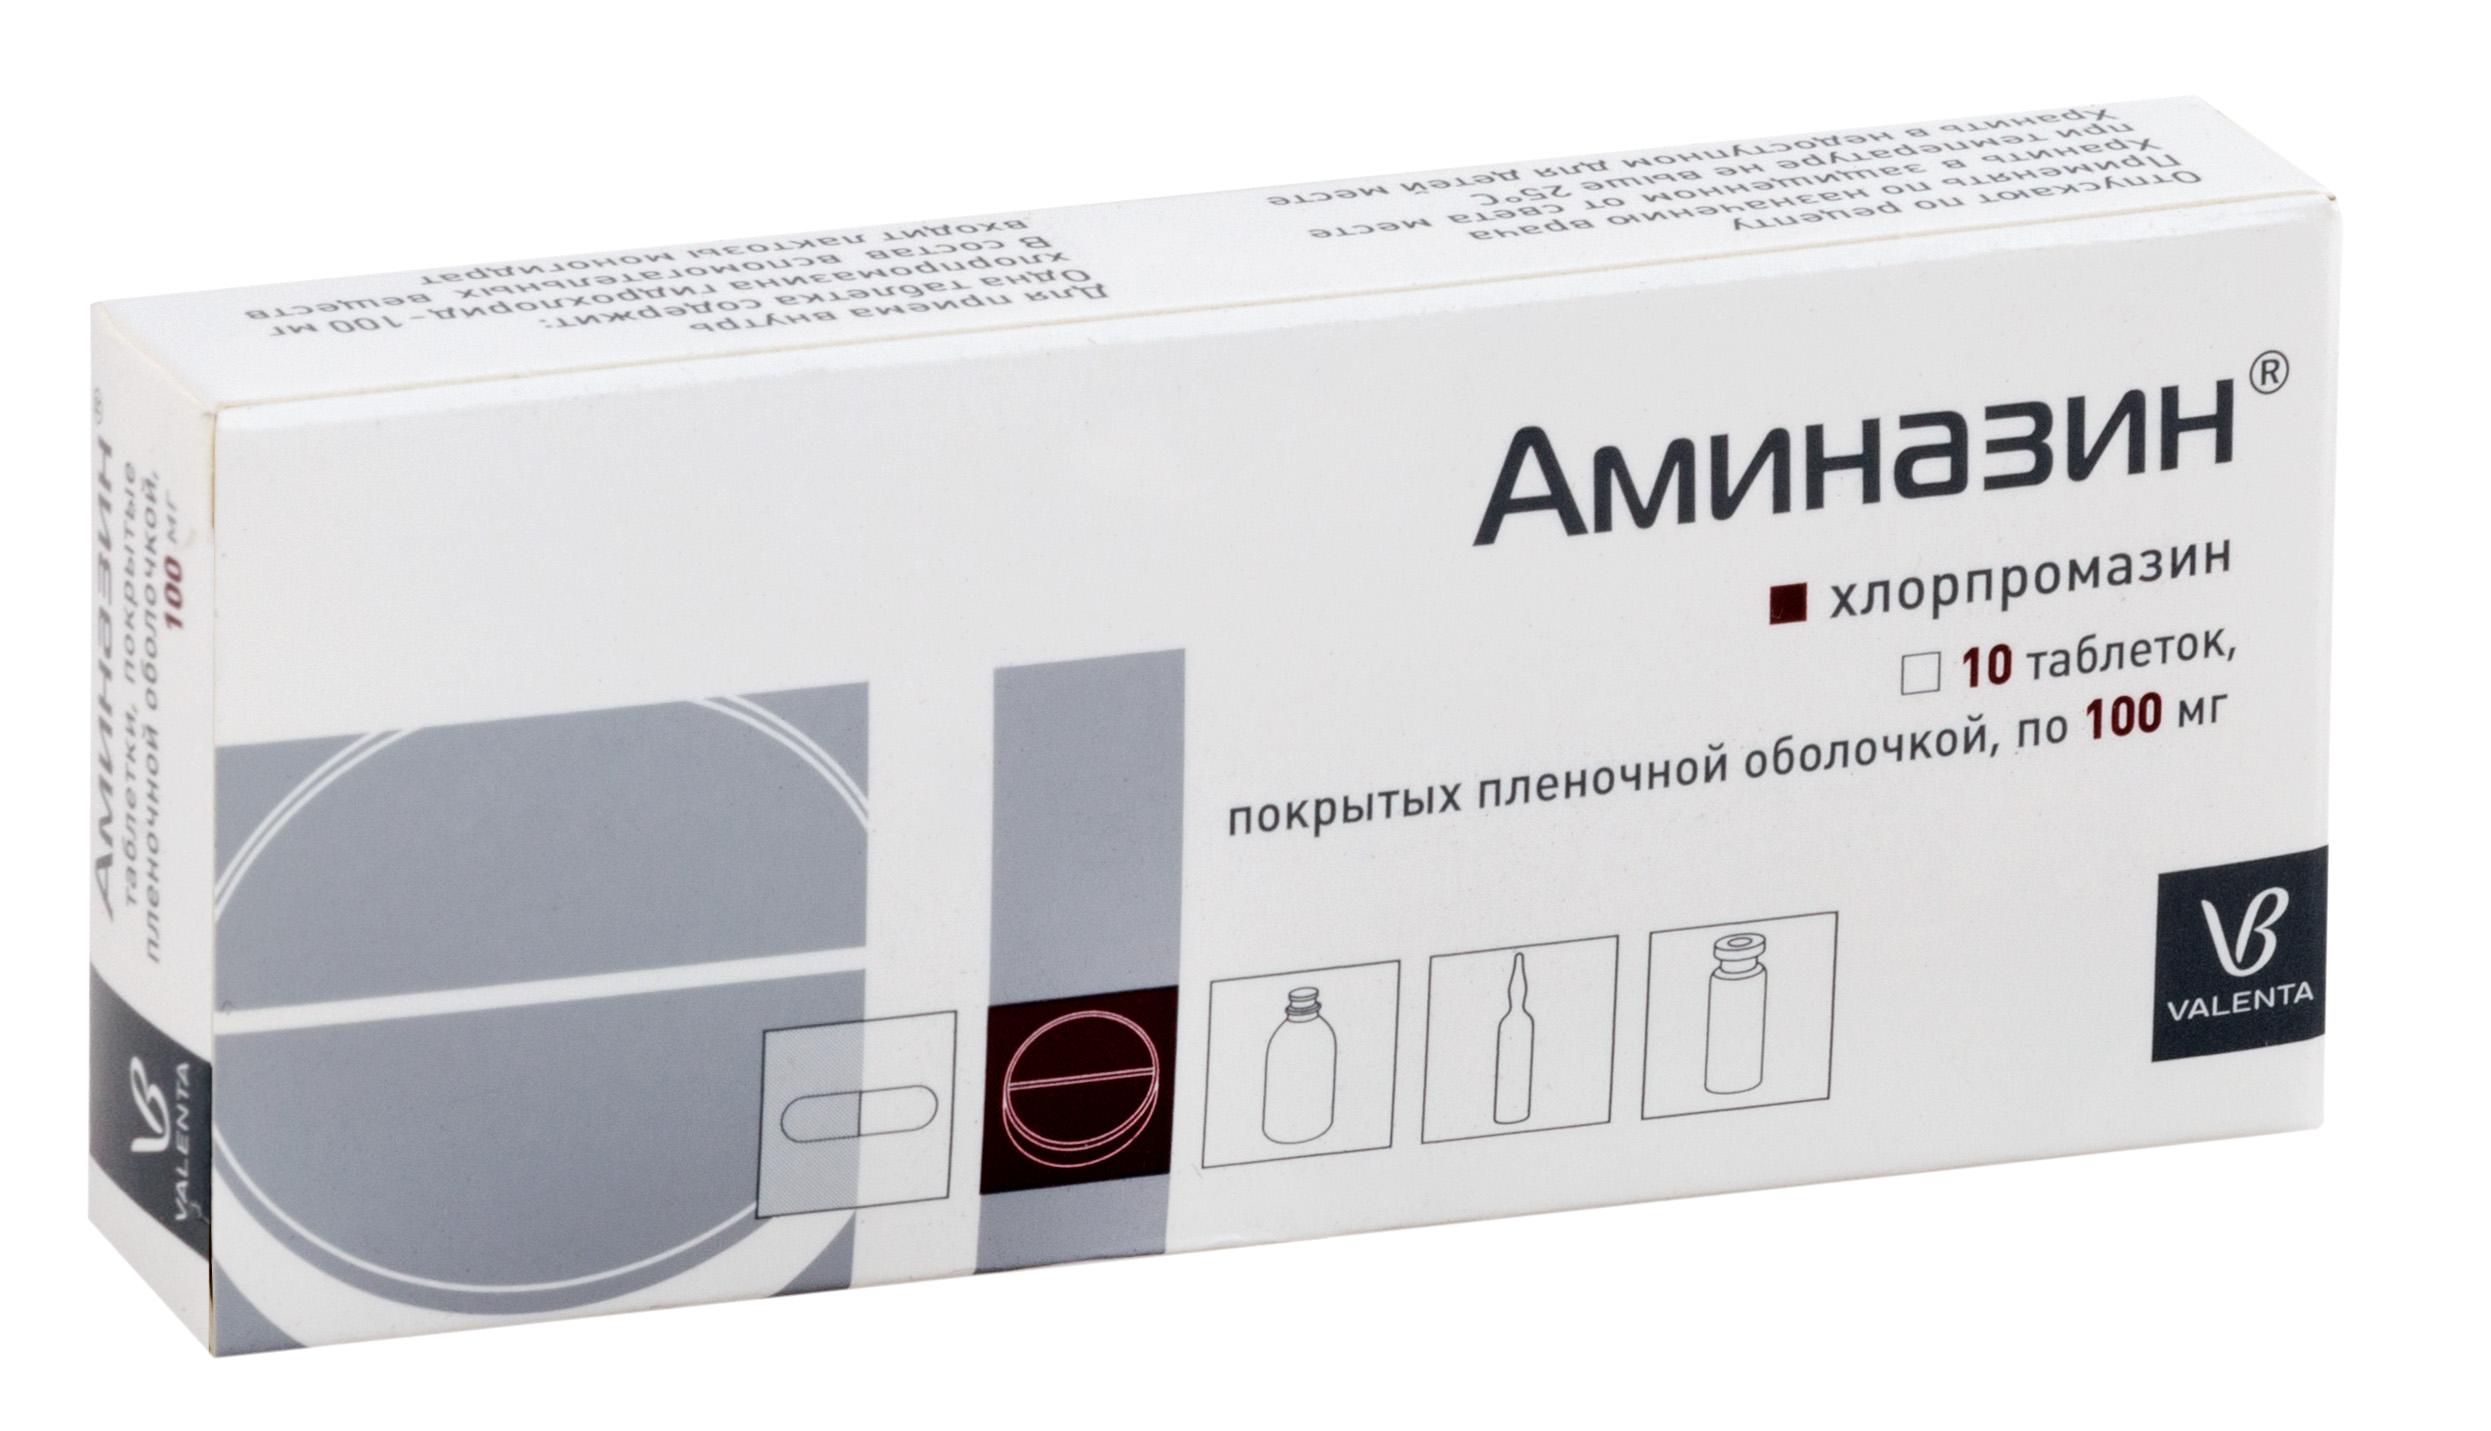 Аминазин таб. п.п.о. 100мг n10